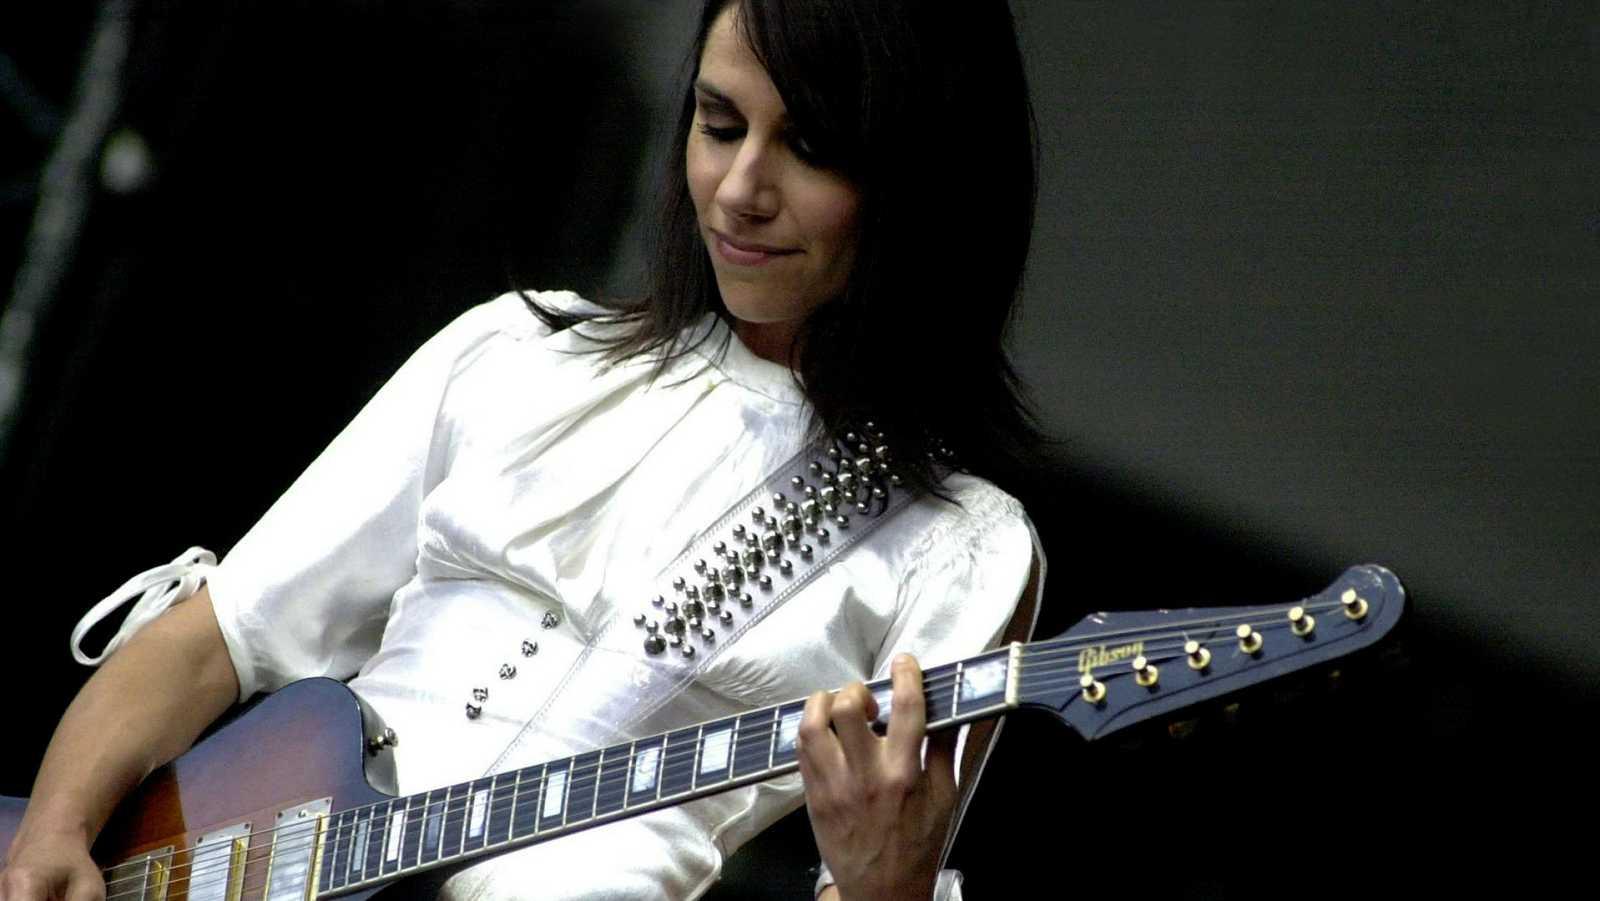 La madeja - Chicas y Guitarras - 27/03/16 - escuchar ahora